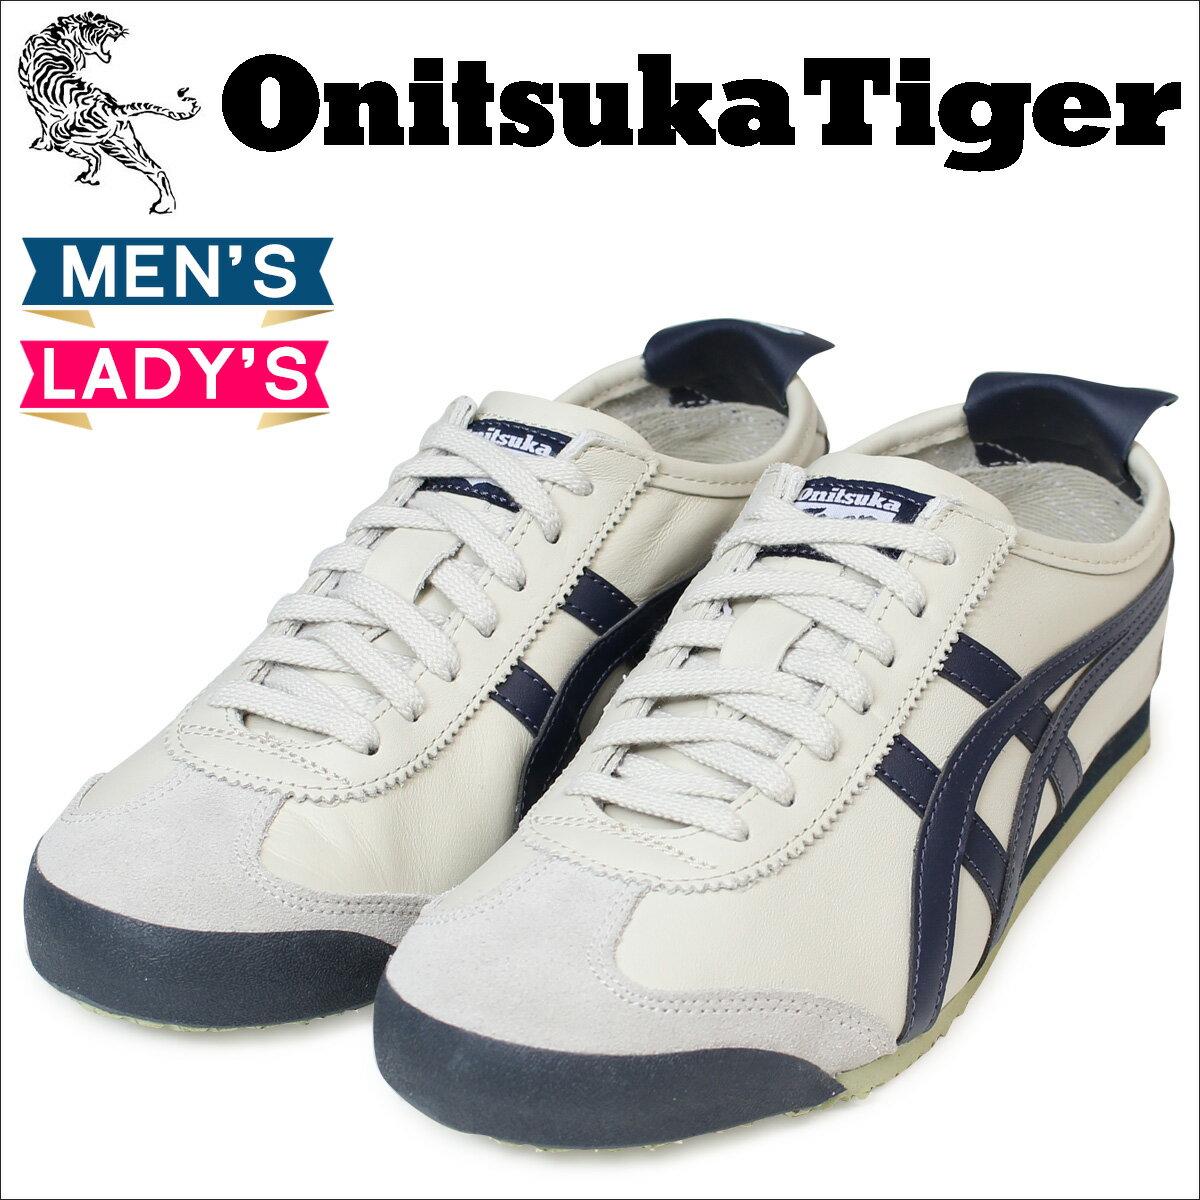 オニツカタイガー メキシコ 66 Onitsuka Tiger MEXICO 66 メンズ レディース スニーカー  asics アシックス  THL202-1659 DL408 1659  靴 バーチ [8/12 追加入荷]